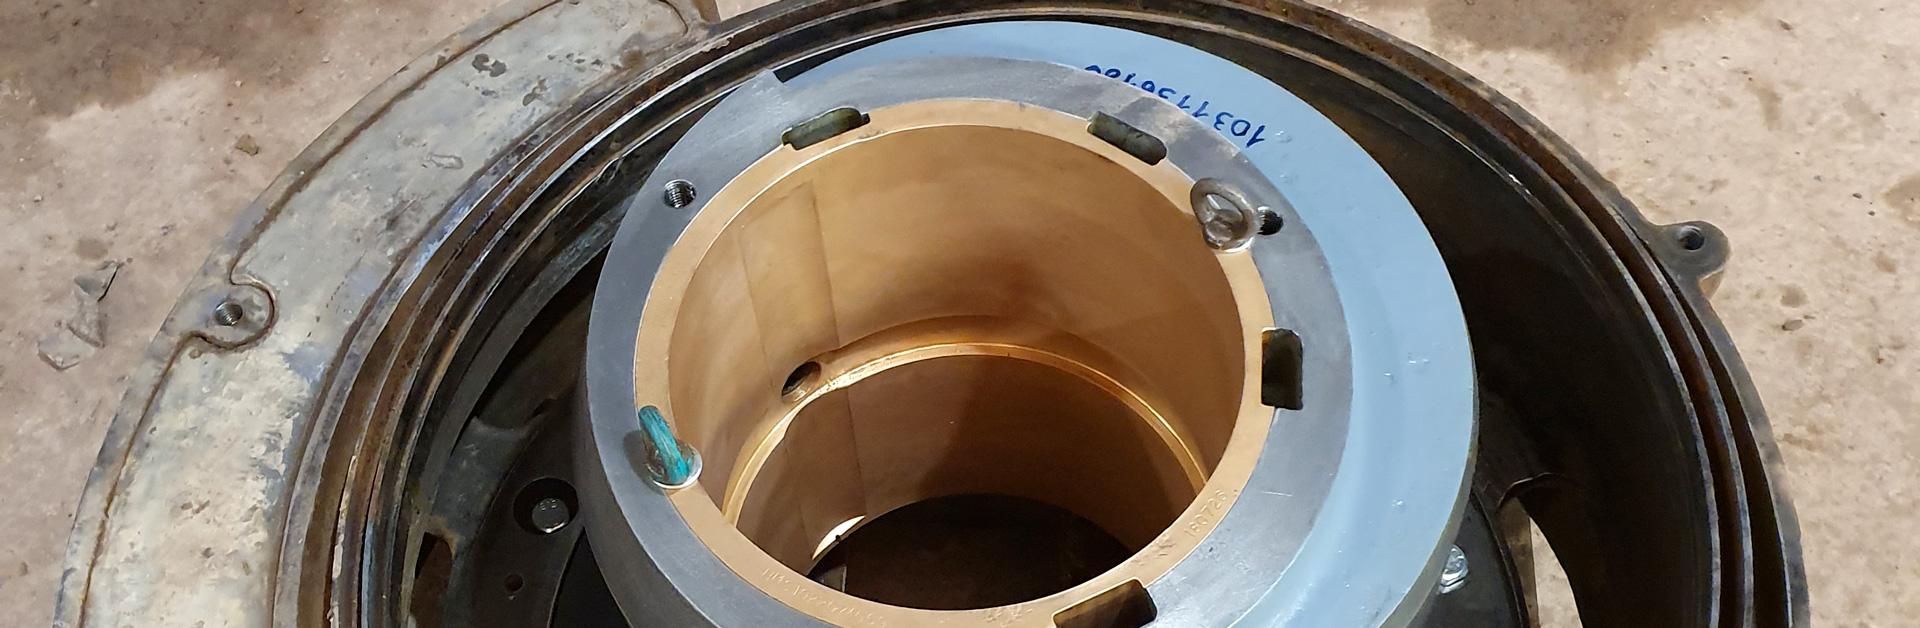 Pieces Mecaniques De Concassage Et Broyage